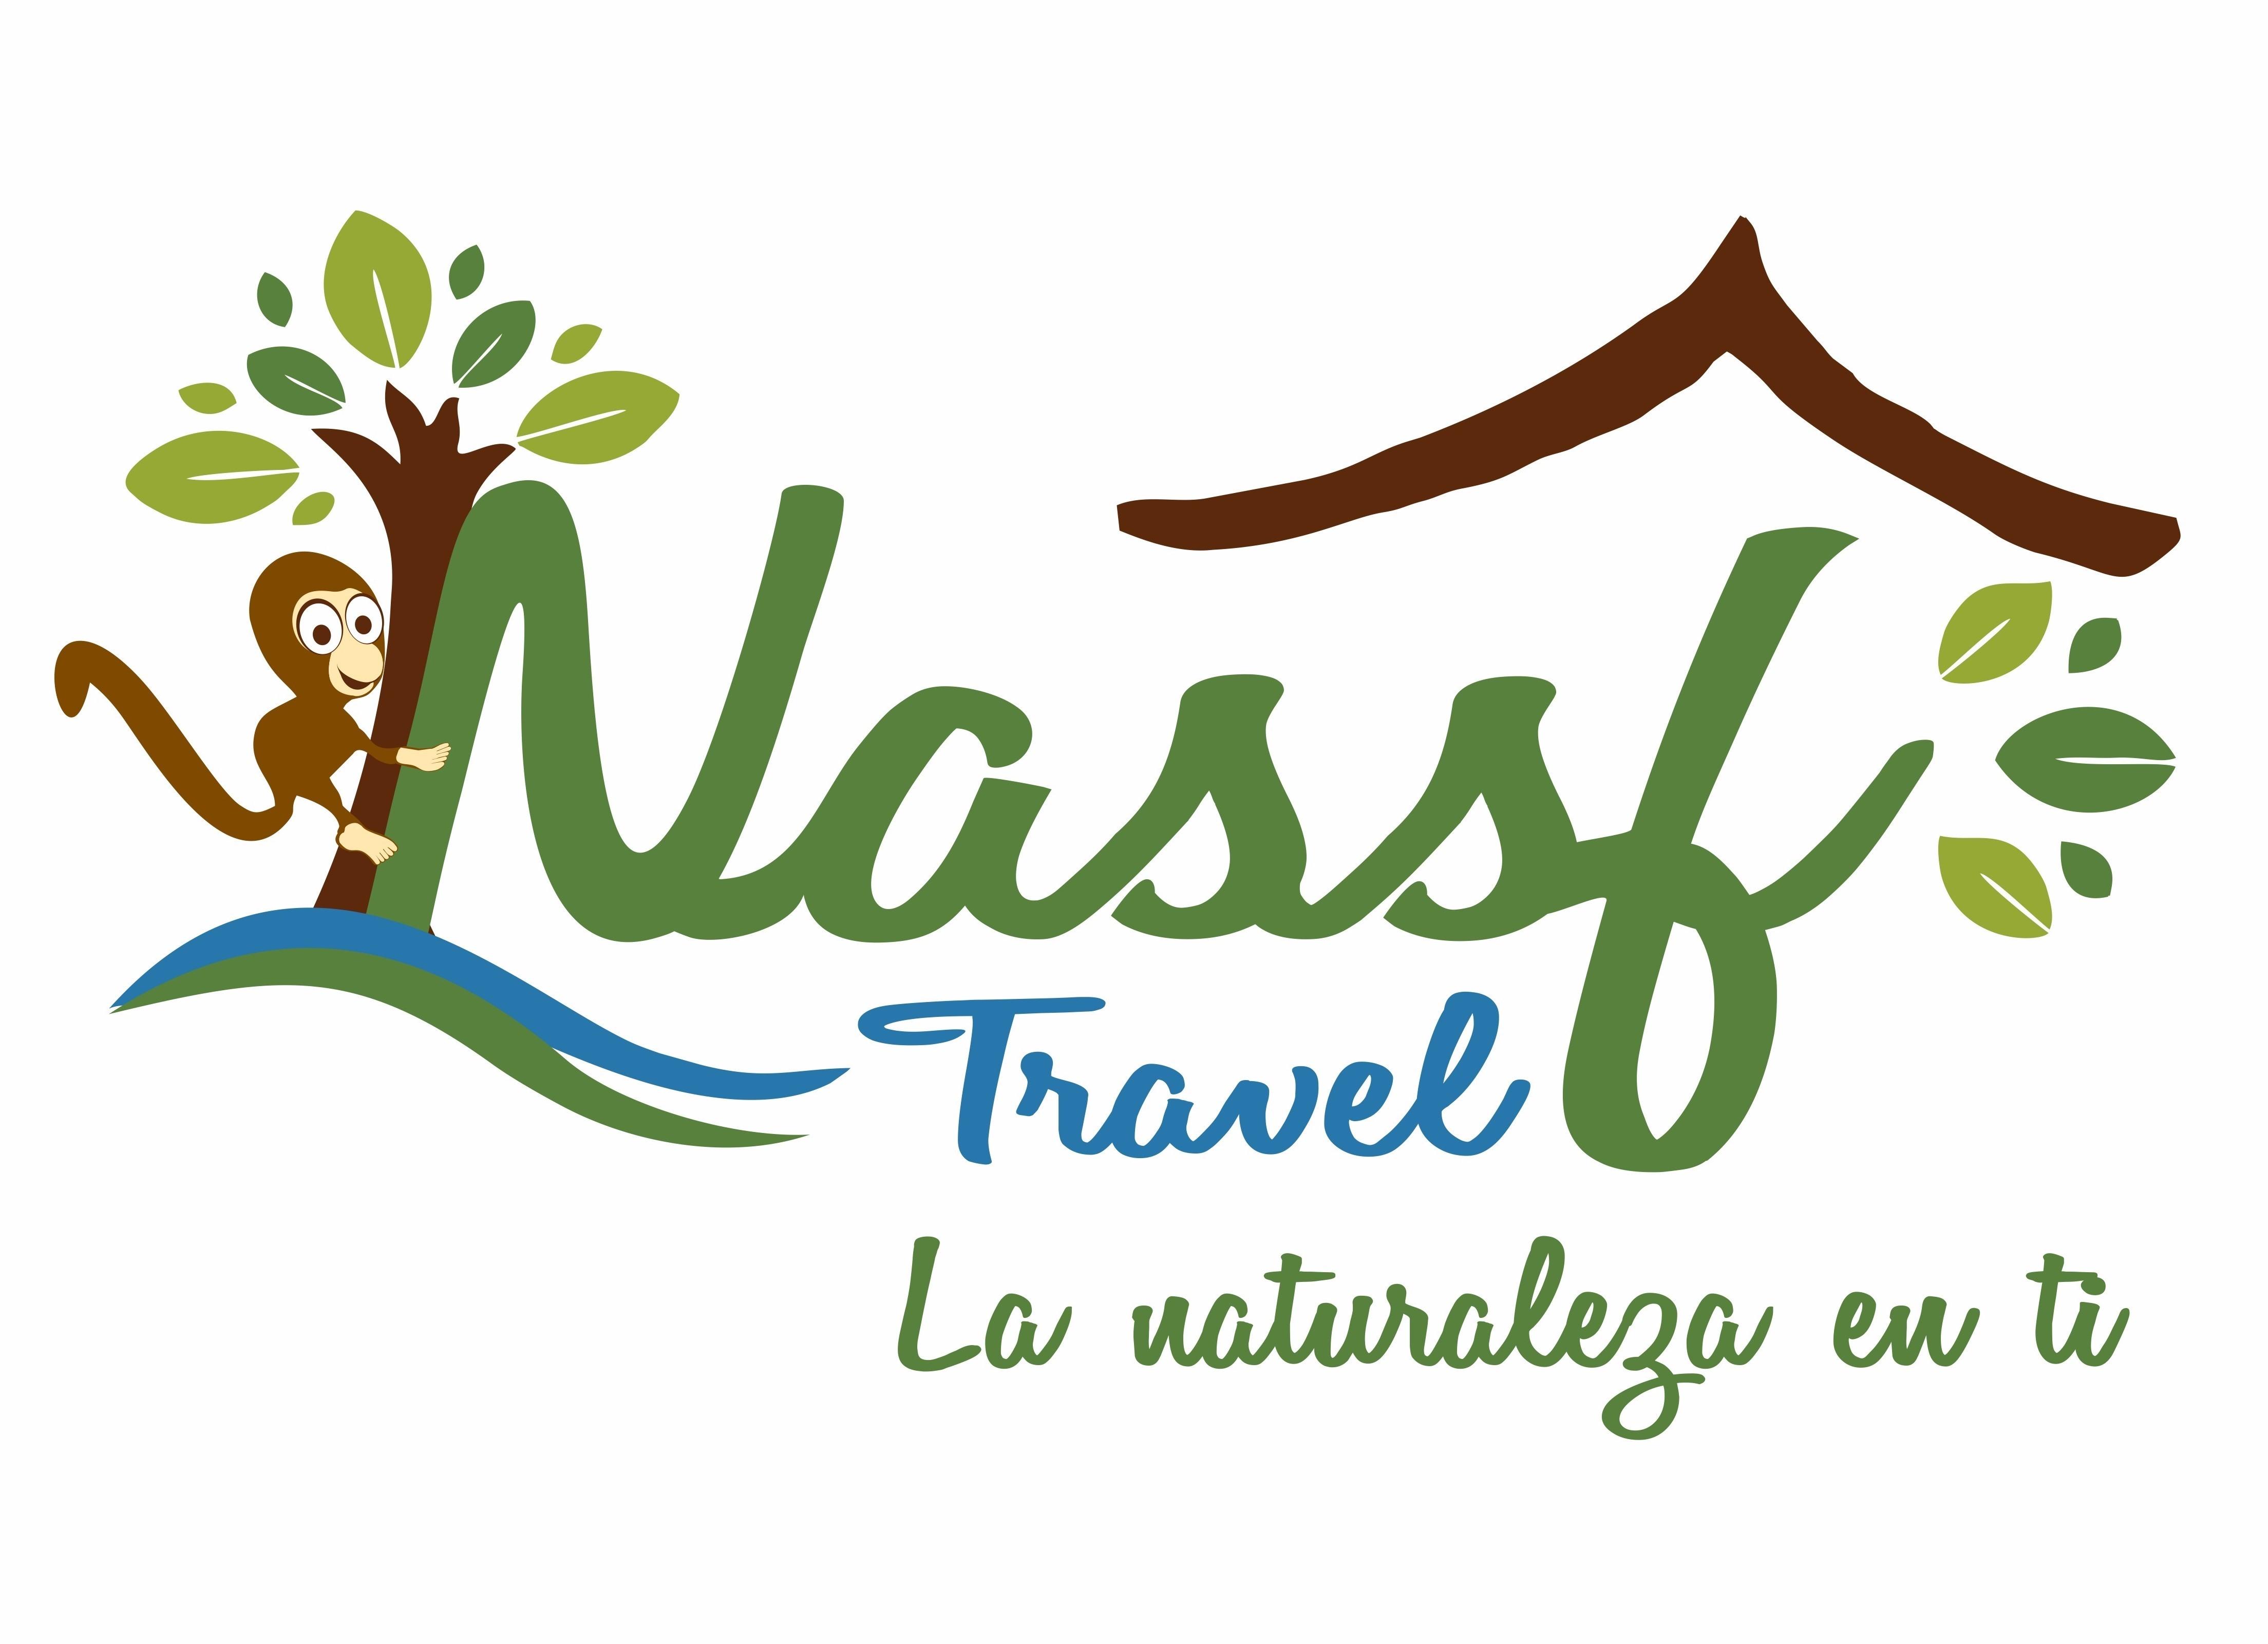 Logo for Nassf Travel